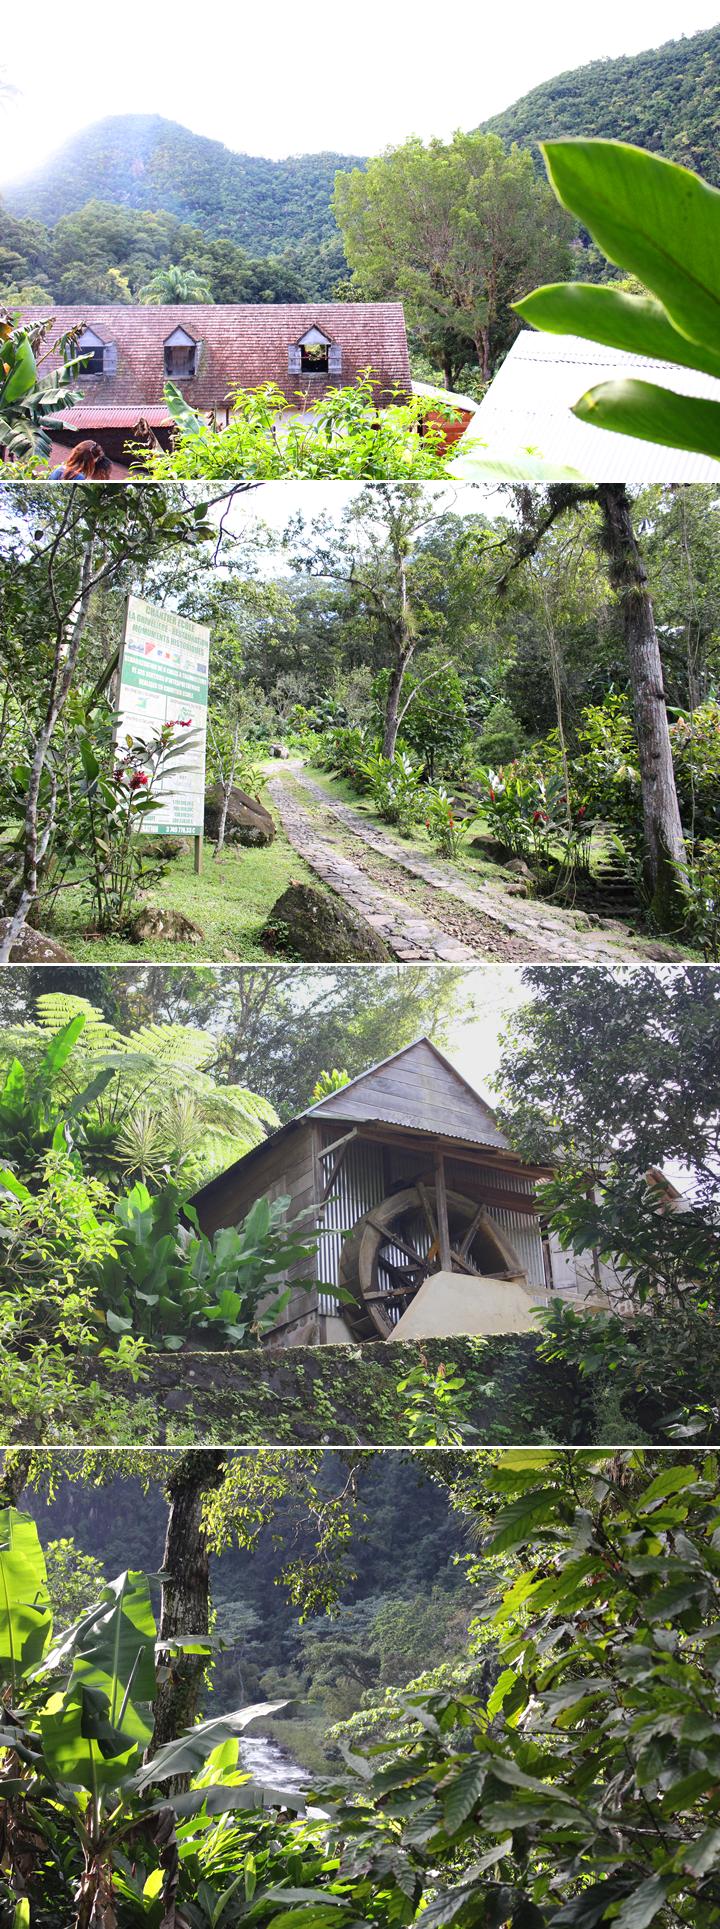 Guadeloupe-Carnet-Voyage-3-Habitation-La-Grivelière-vert